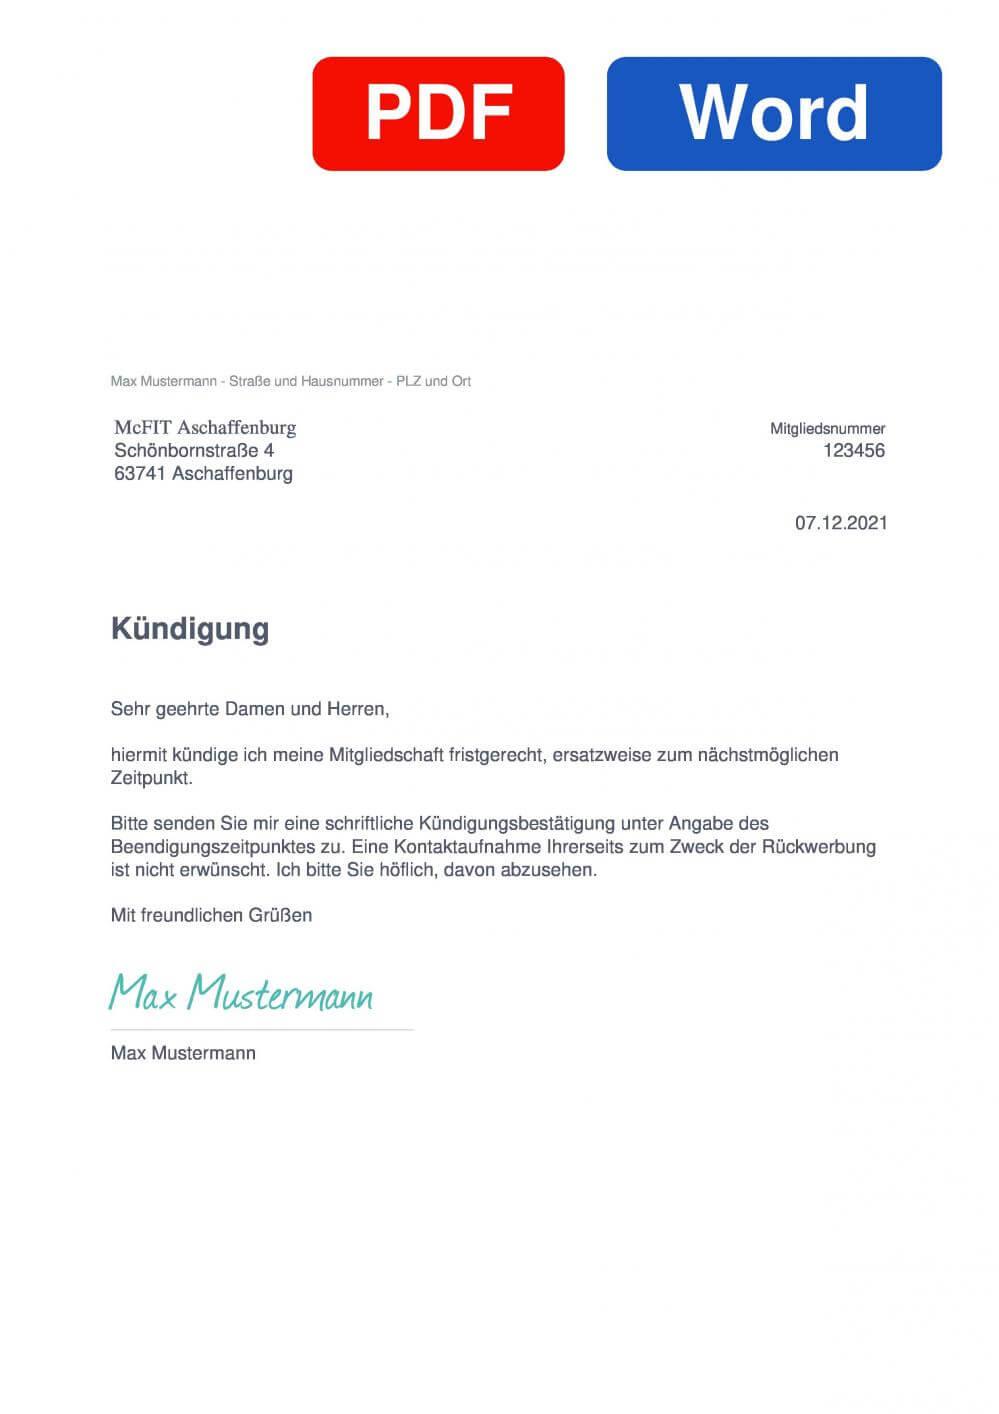 McFIT Aschaffenburg Muster Vorlage für Kündigungsschreiben